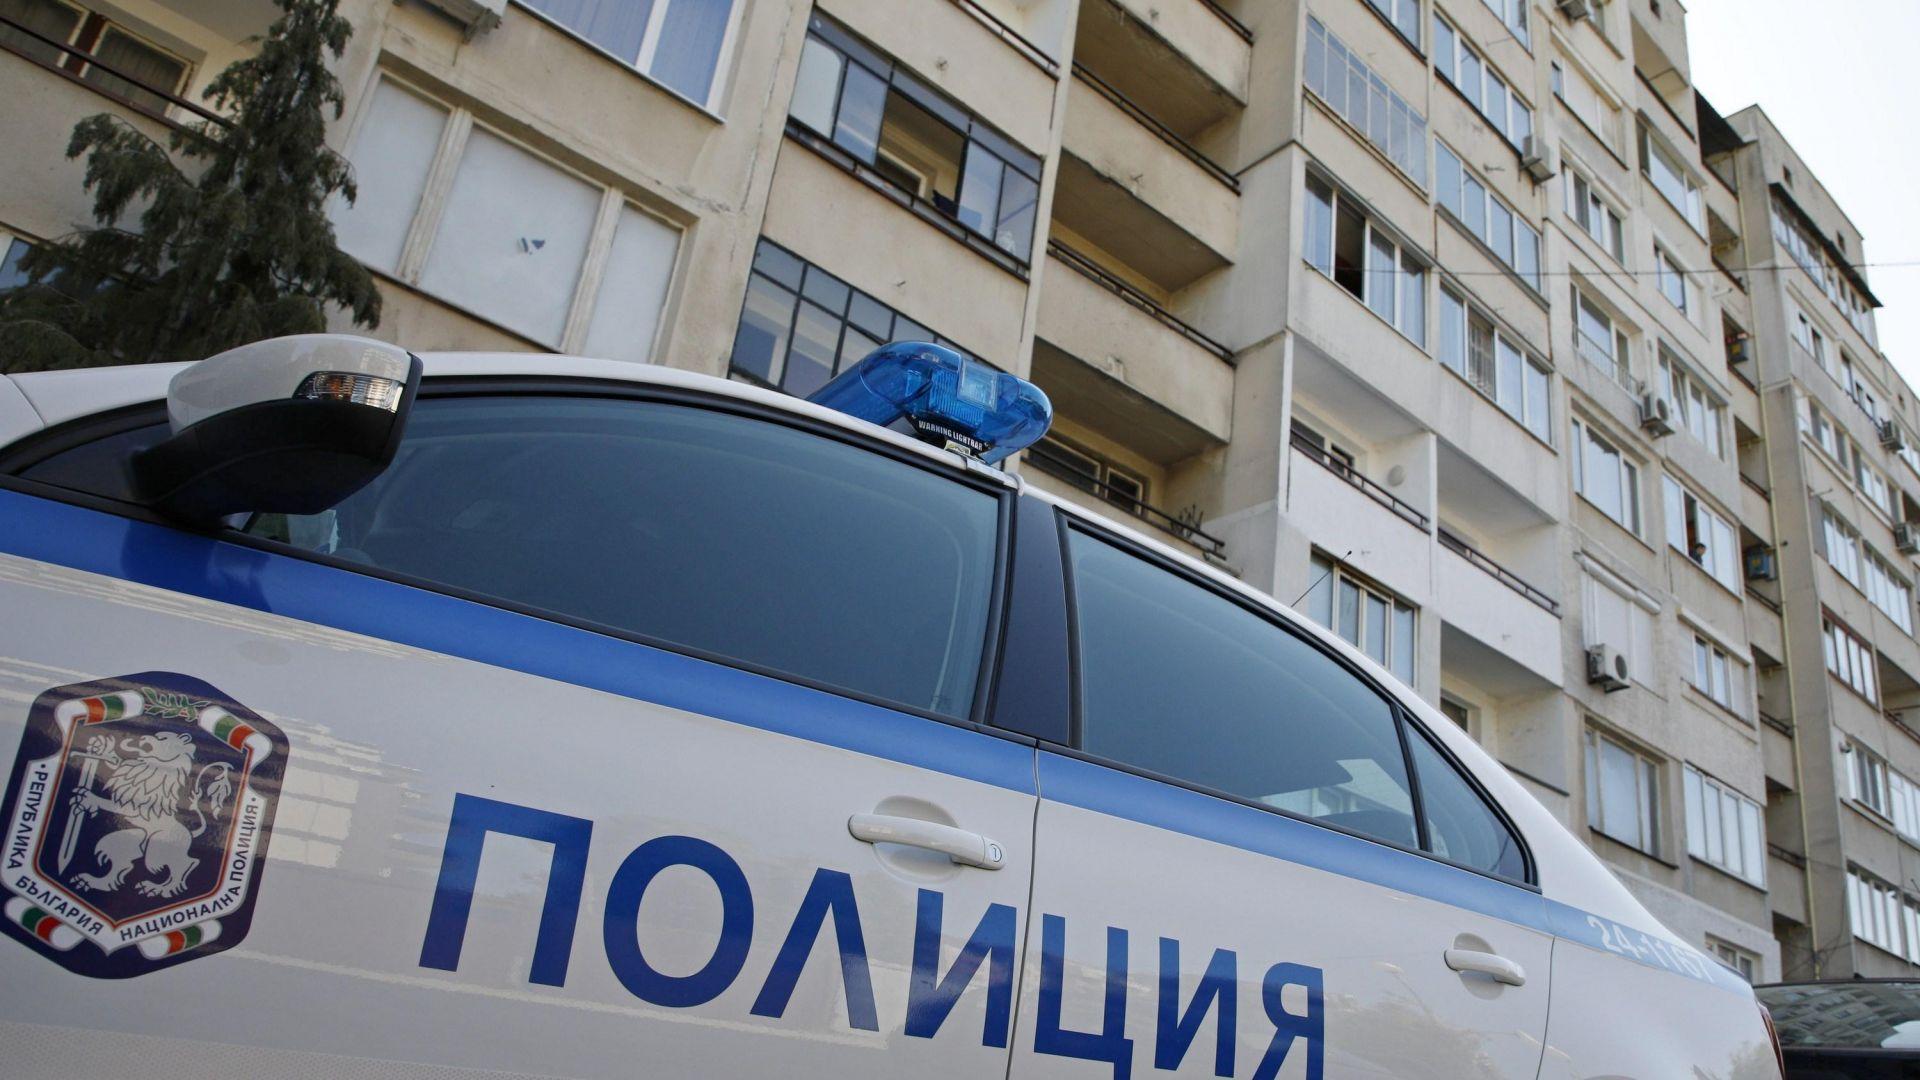 Командоси и полицаи изведоха 57 годишния мъж, баракадирал се в